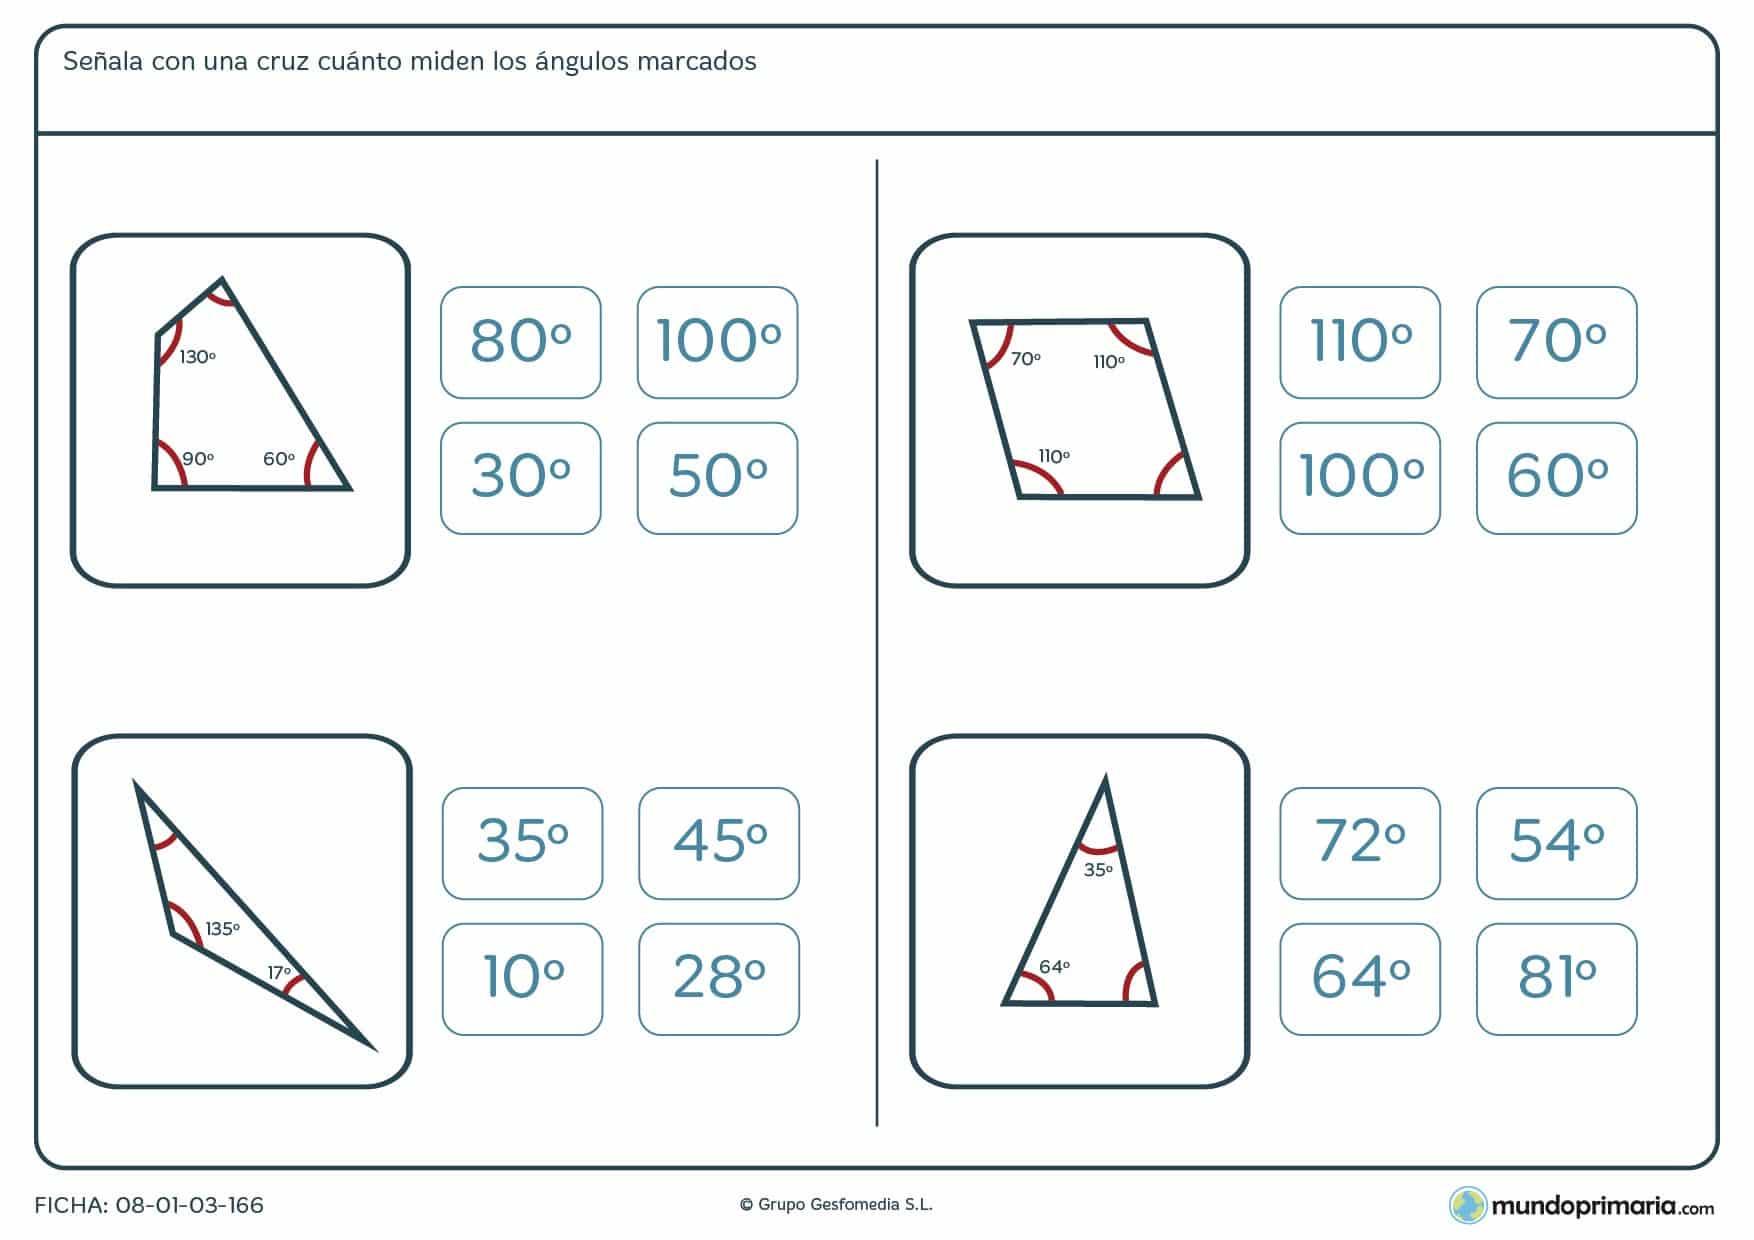 Ficha de ángulos en grados en la que deberás hhallar el valor del ángulo que falta.